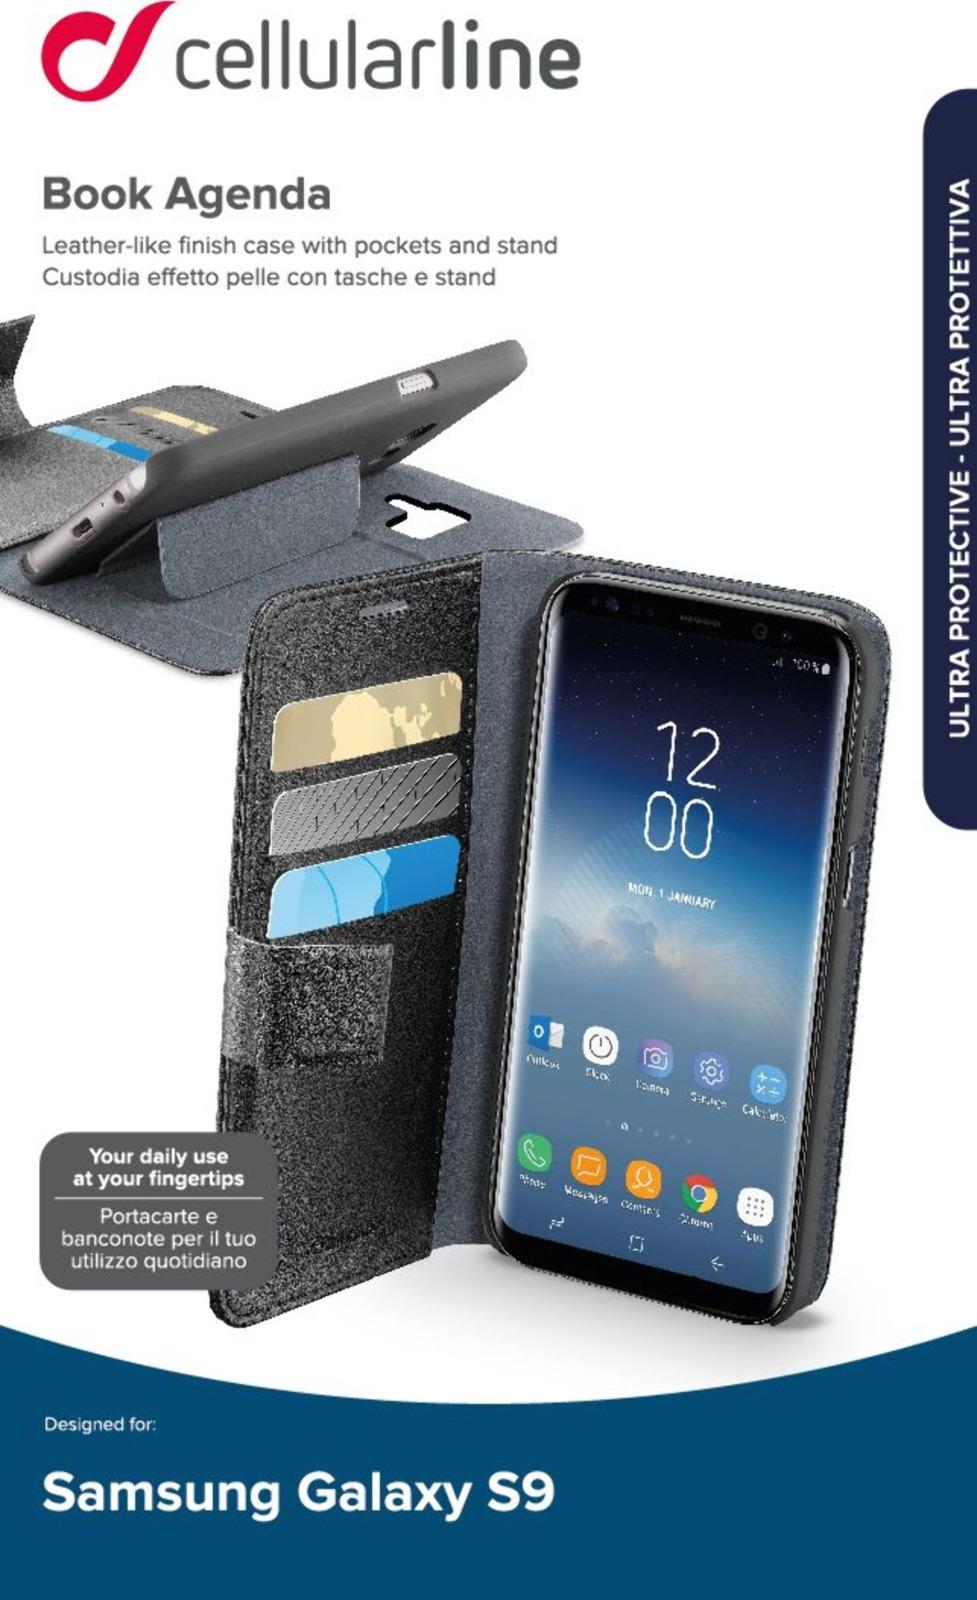 Чехол Cellularline для Samsung Galaxy S9, BOOKAGENDAGALS9K, черный